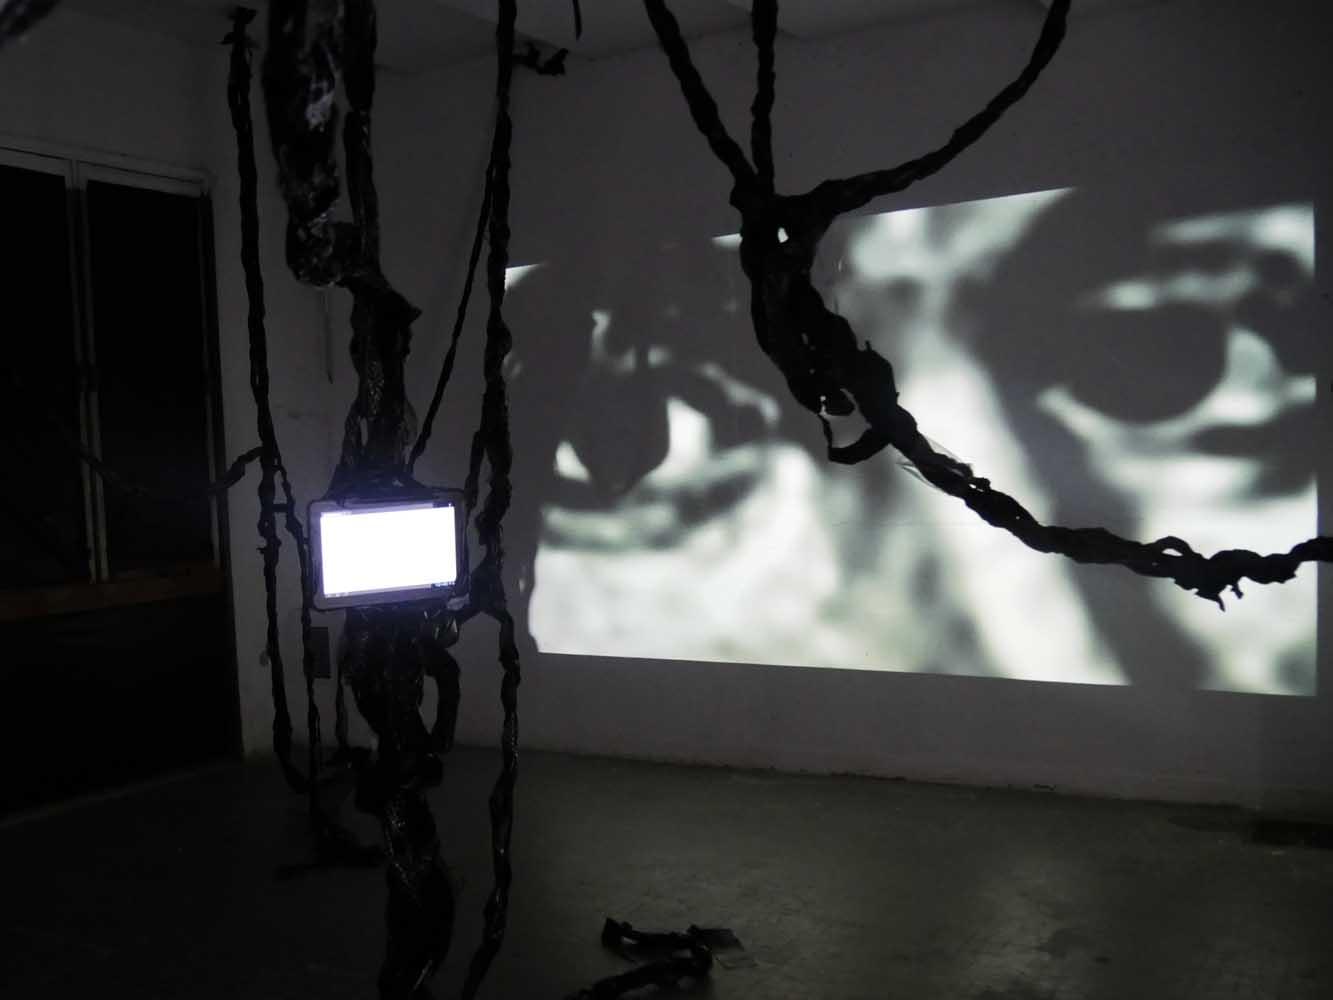 <em>Amazone</em>, 2015 <br>en collaboration avec Iommy Sanchez <br>dispositif sonore, projection vidéo, tablette numérique, smartphones, textile